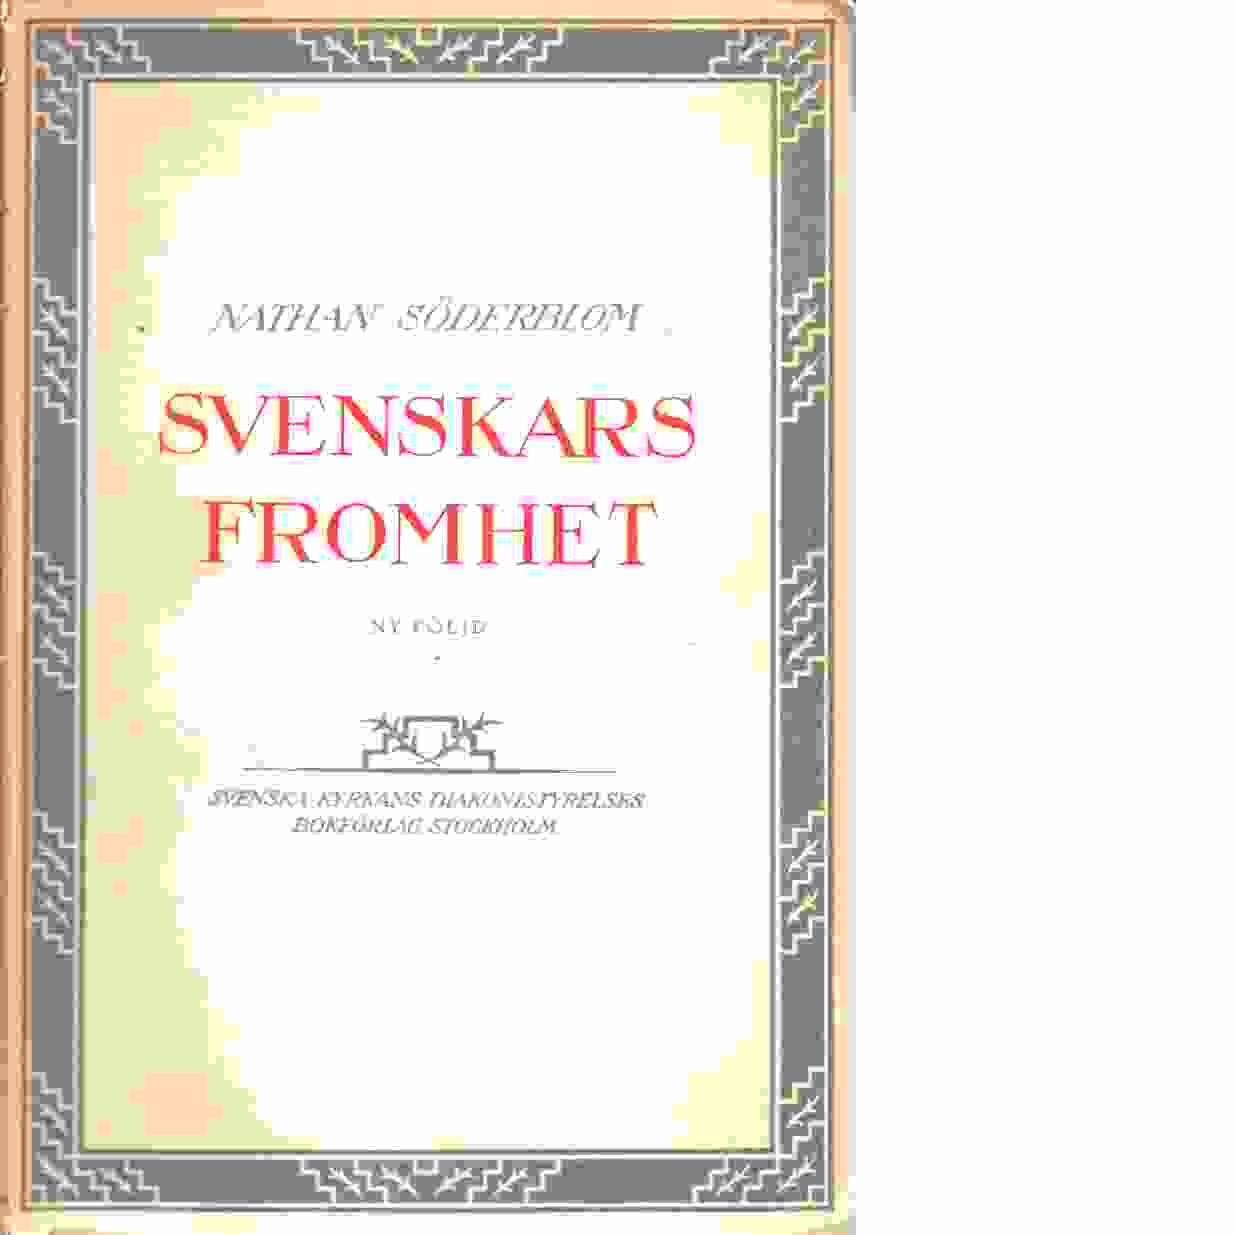 Svenskars fromhet - Söderblom, Nathan